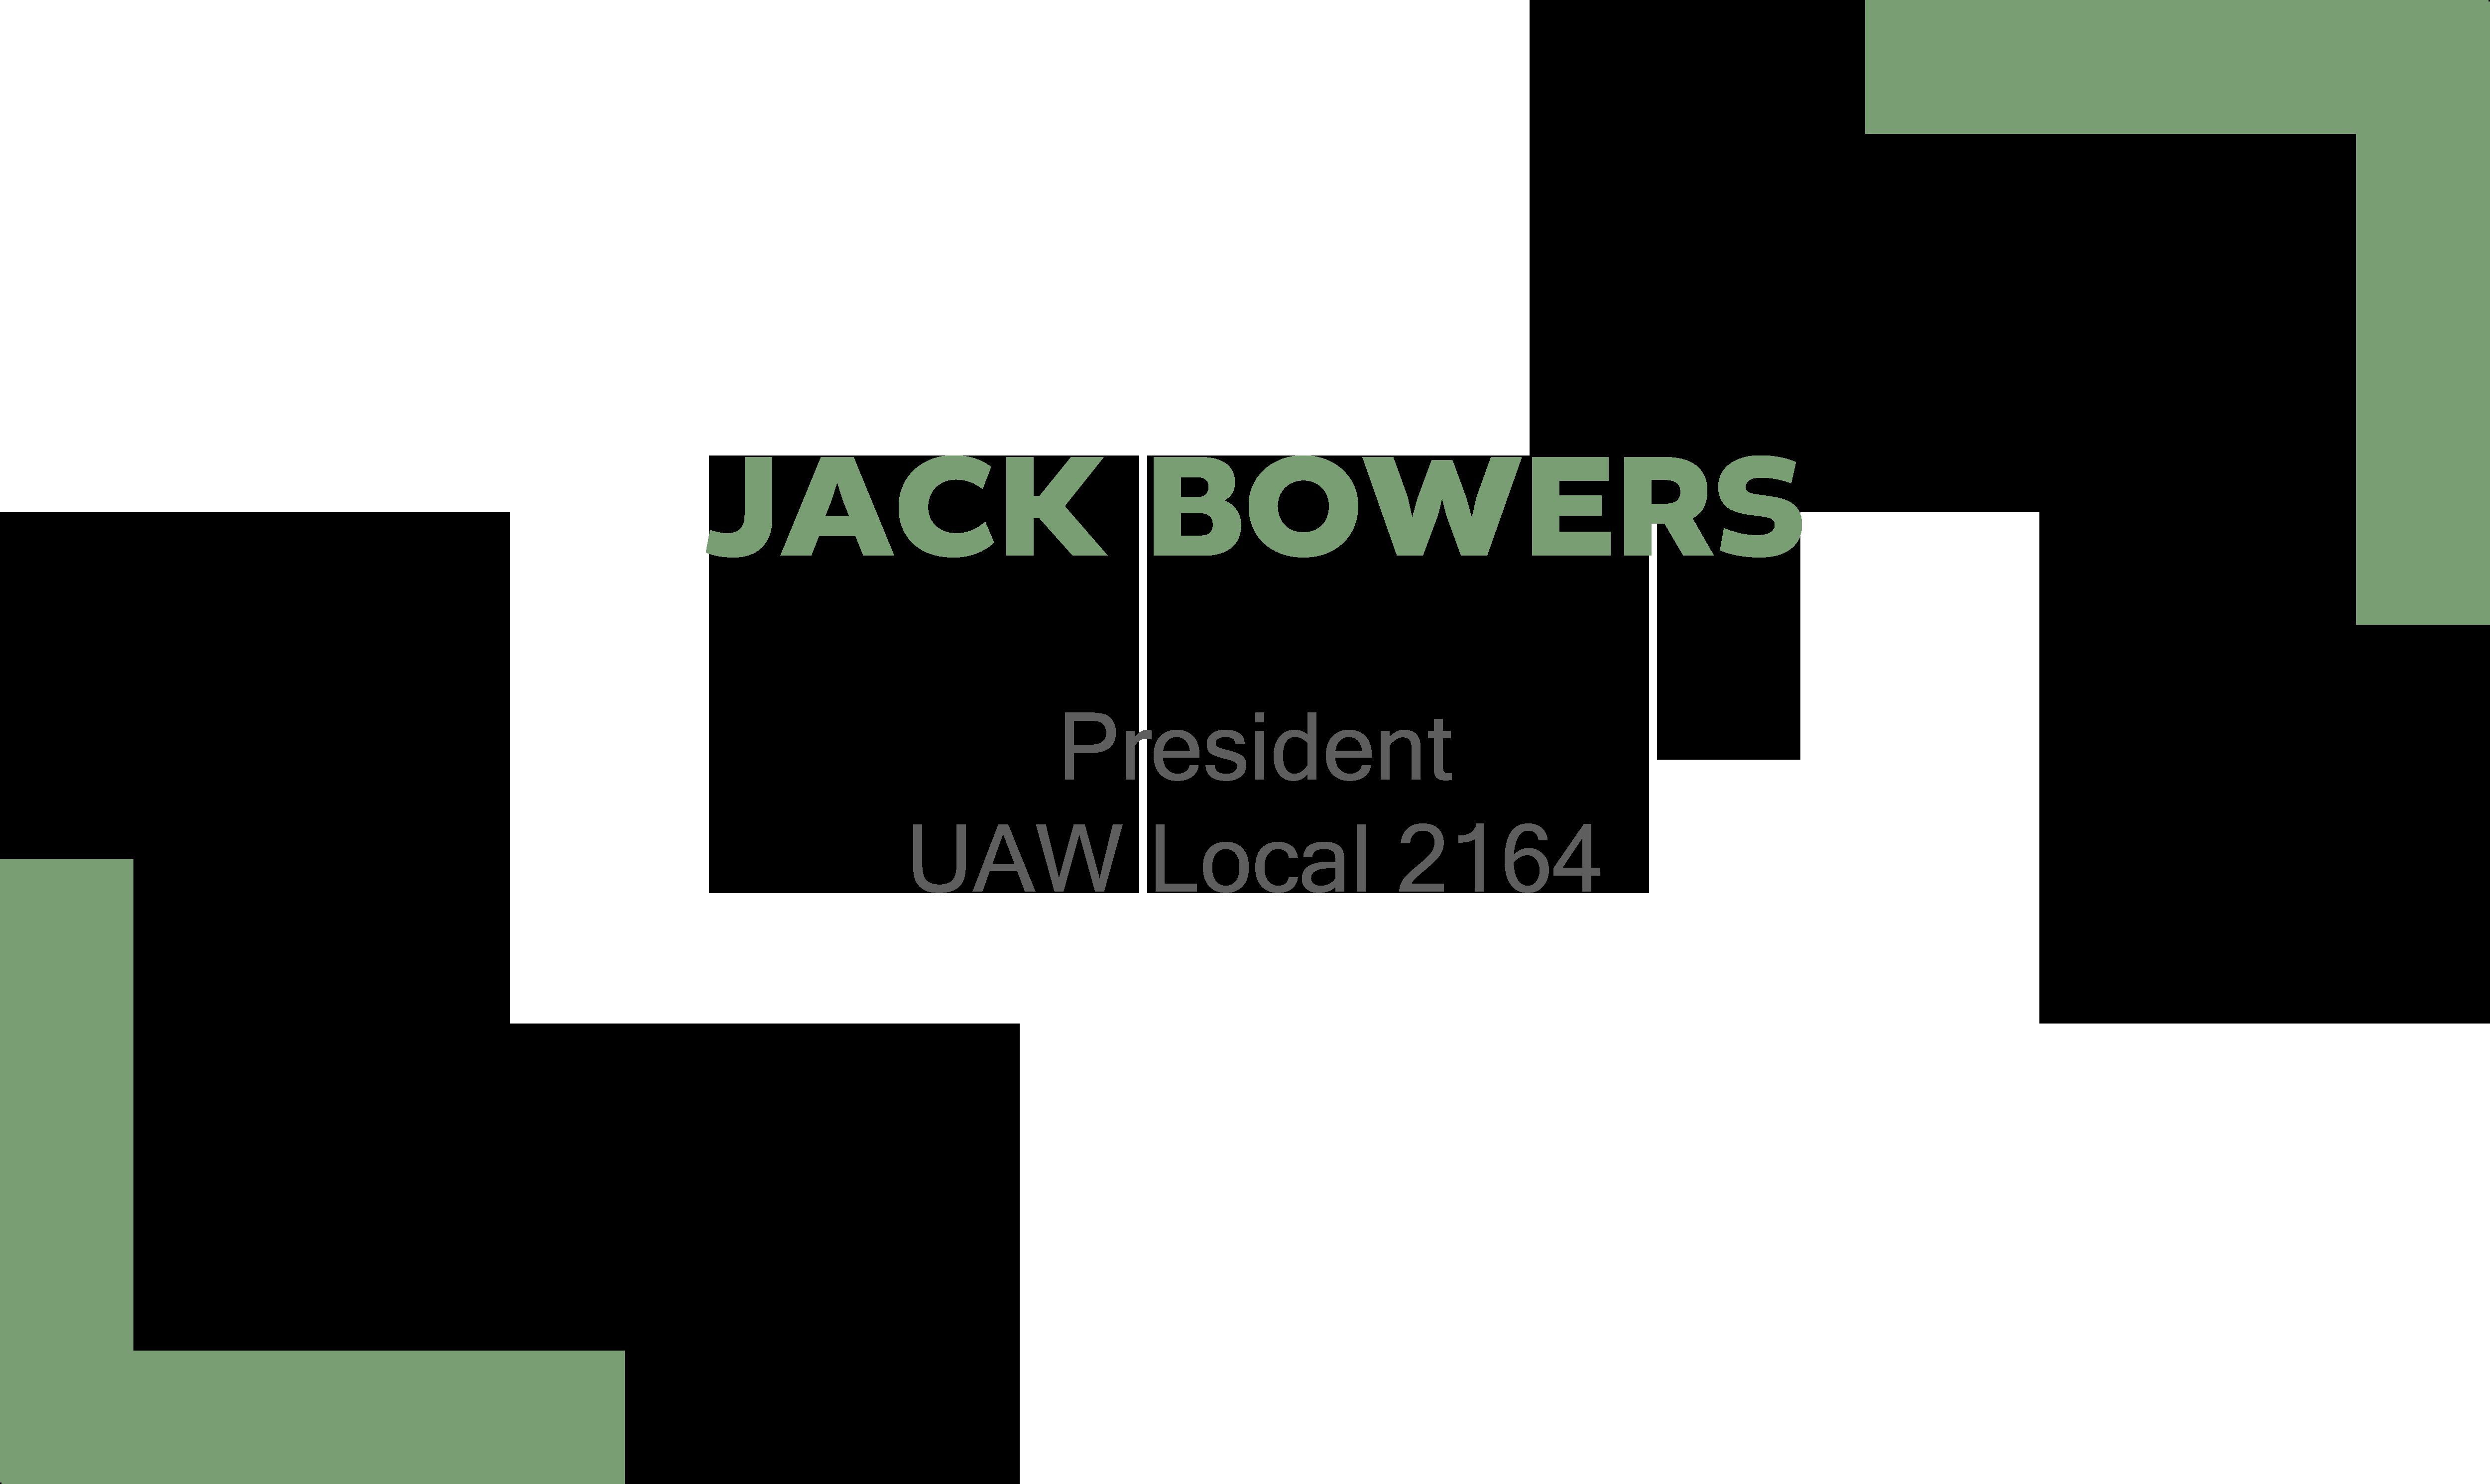 JACK BOWERS